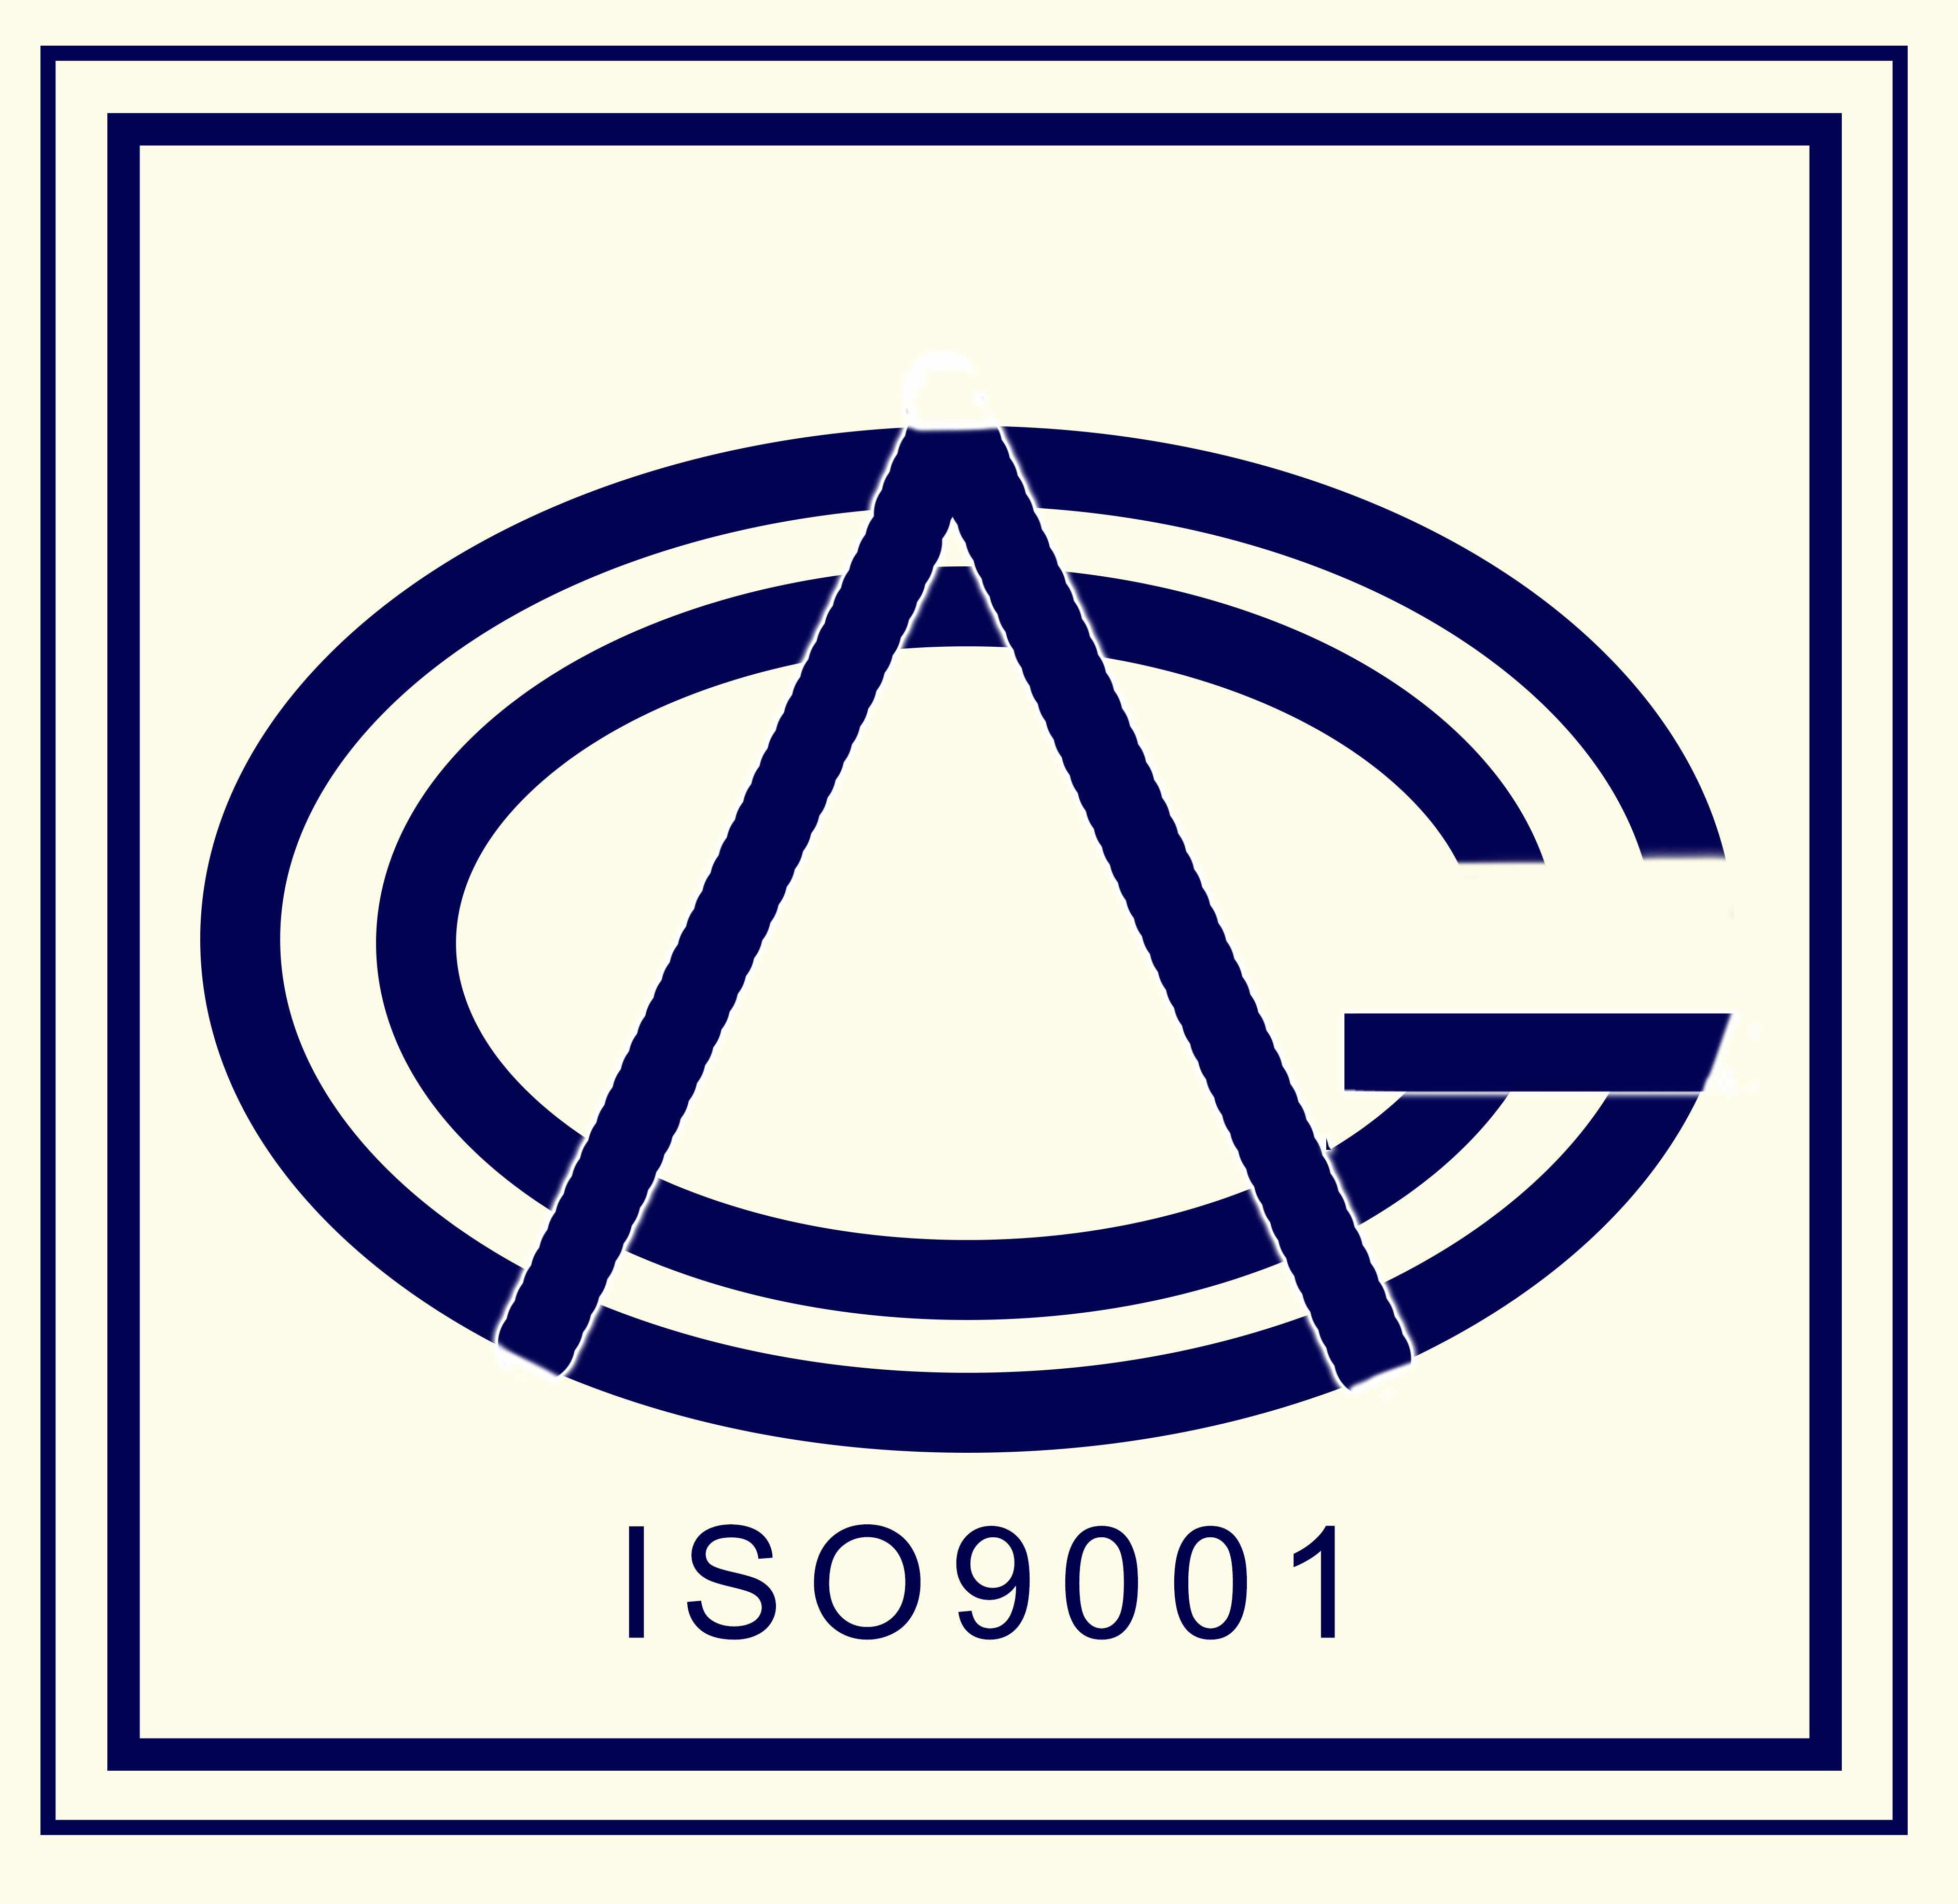 1580531364883571.jpg